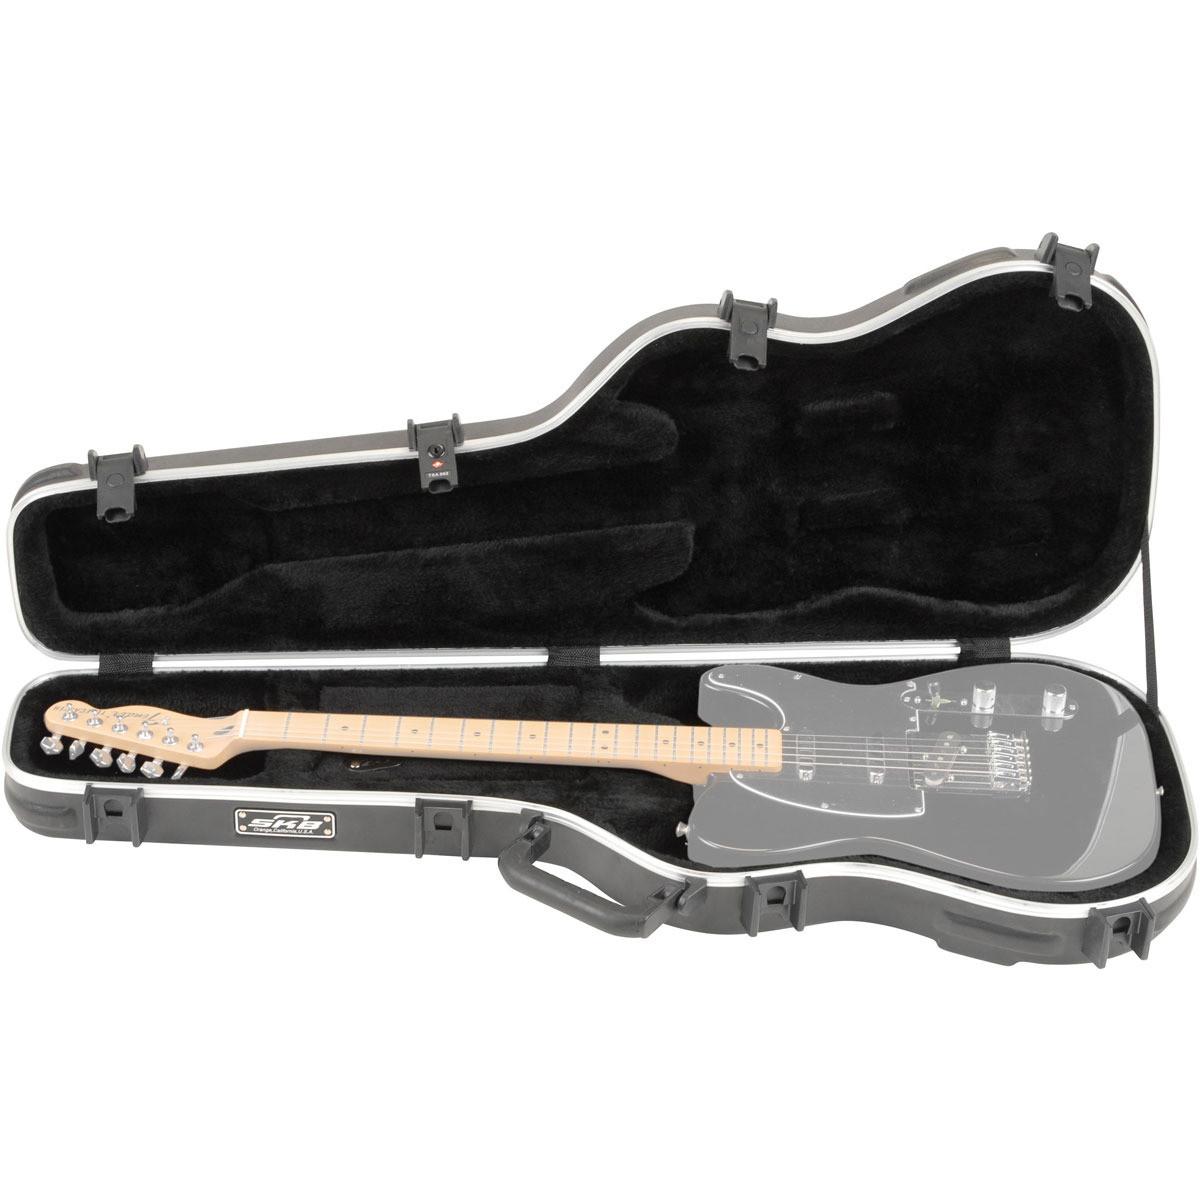 skb standard electric guitar case at. Black Bedroom Furniture Sets. Home Design Ideas